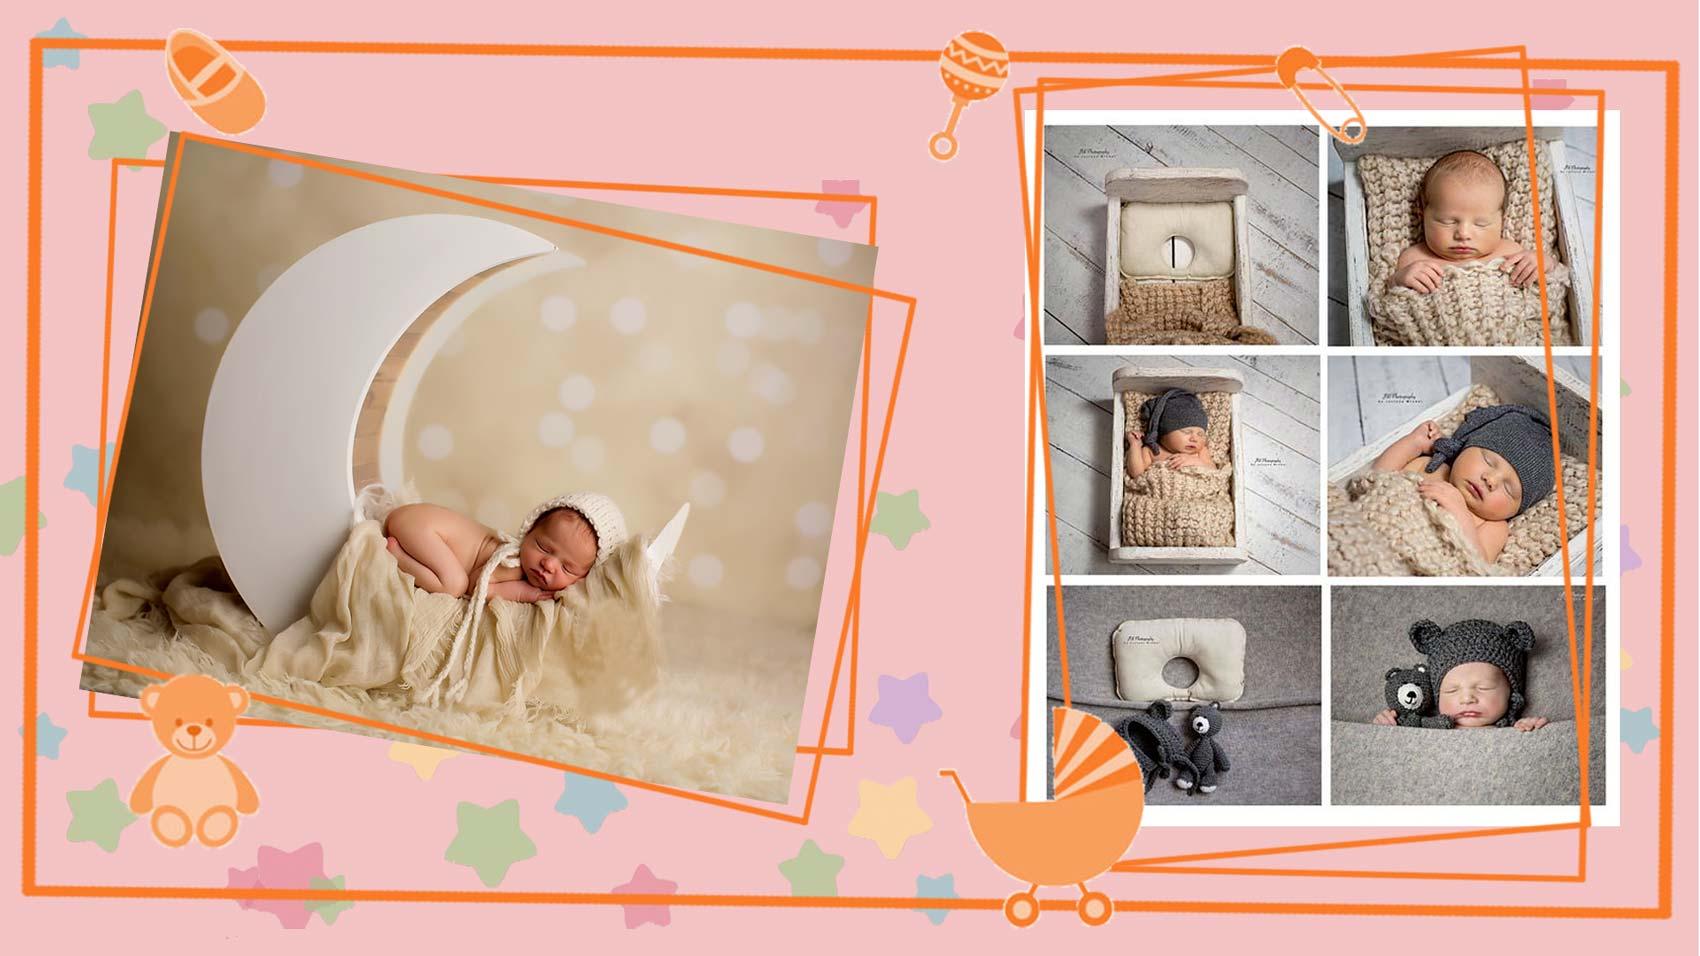 baby photography h - نکات عکاسی از کودک و نوزاد